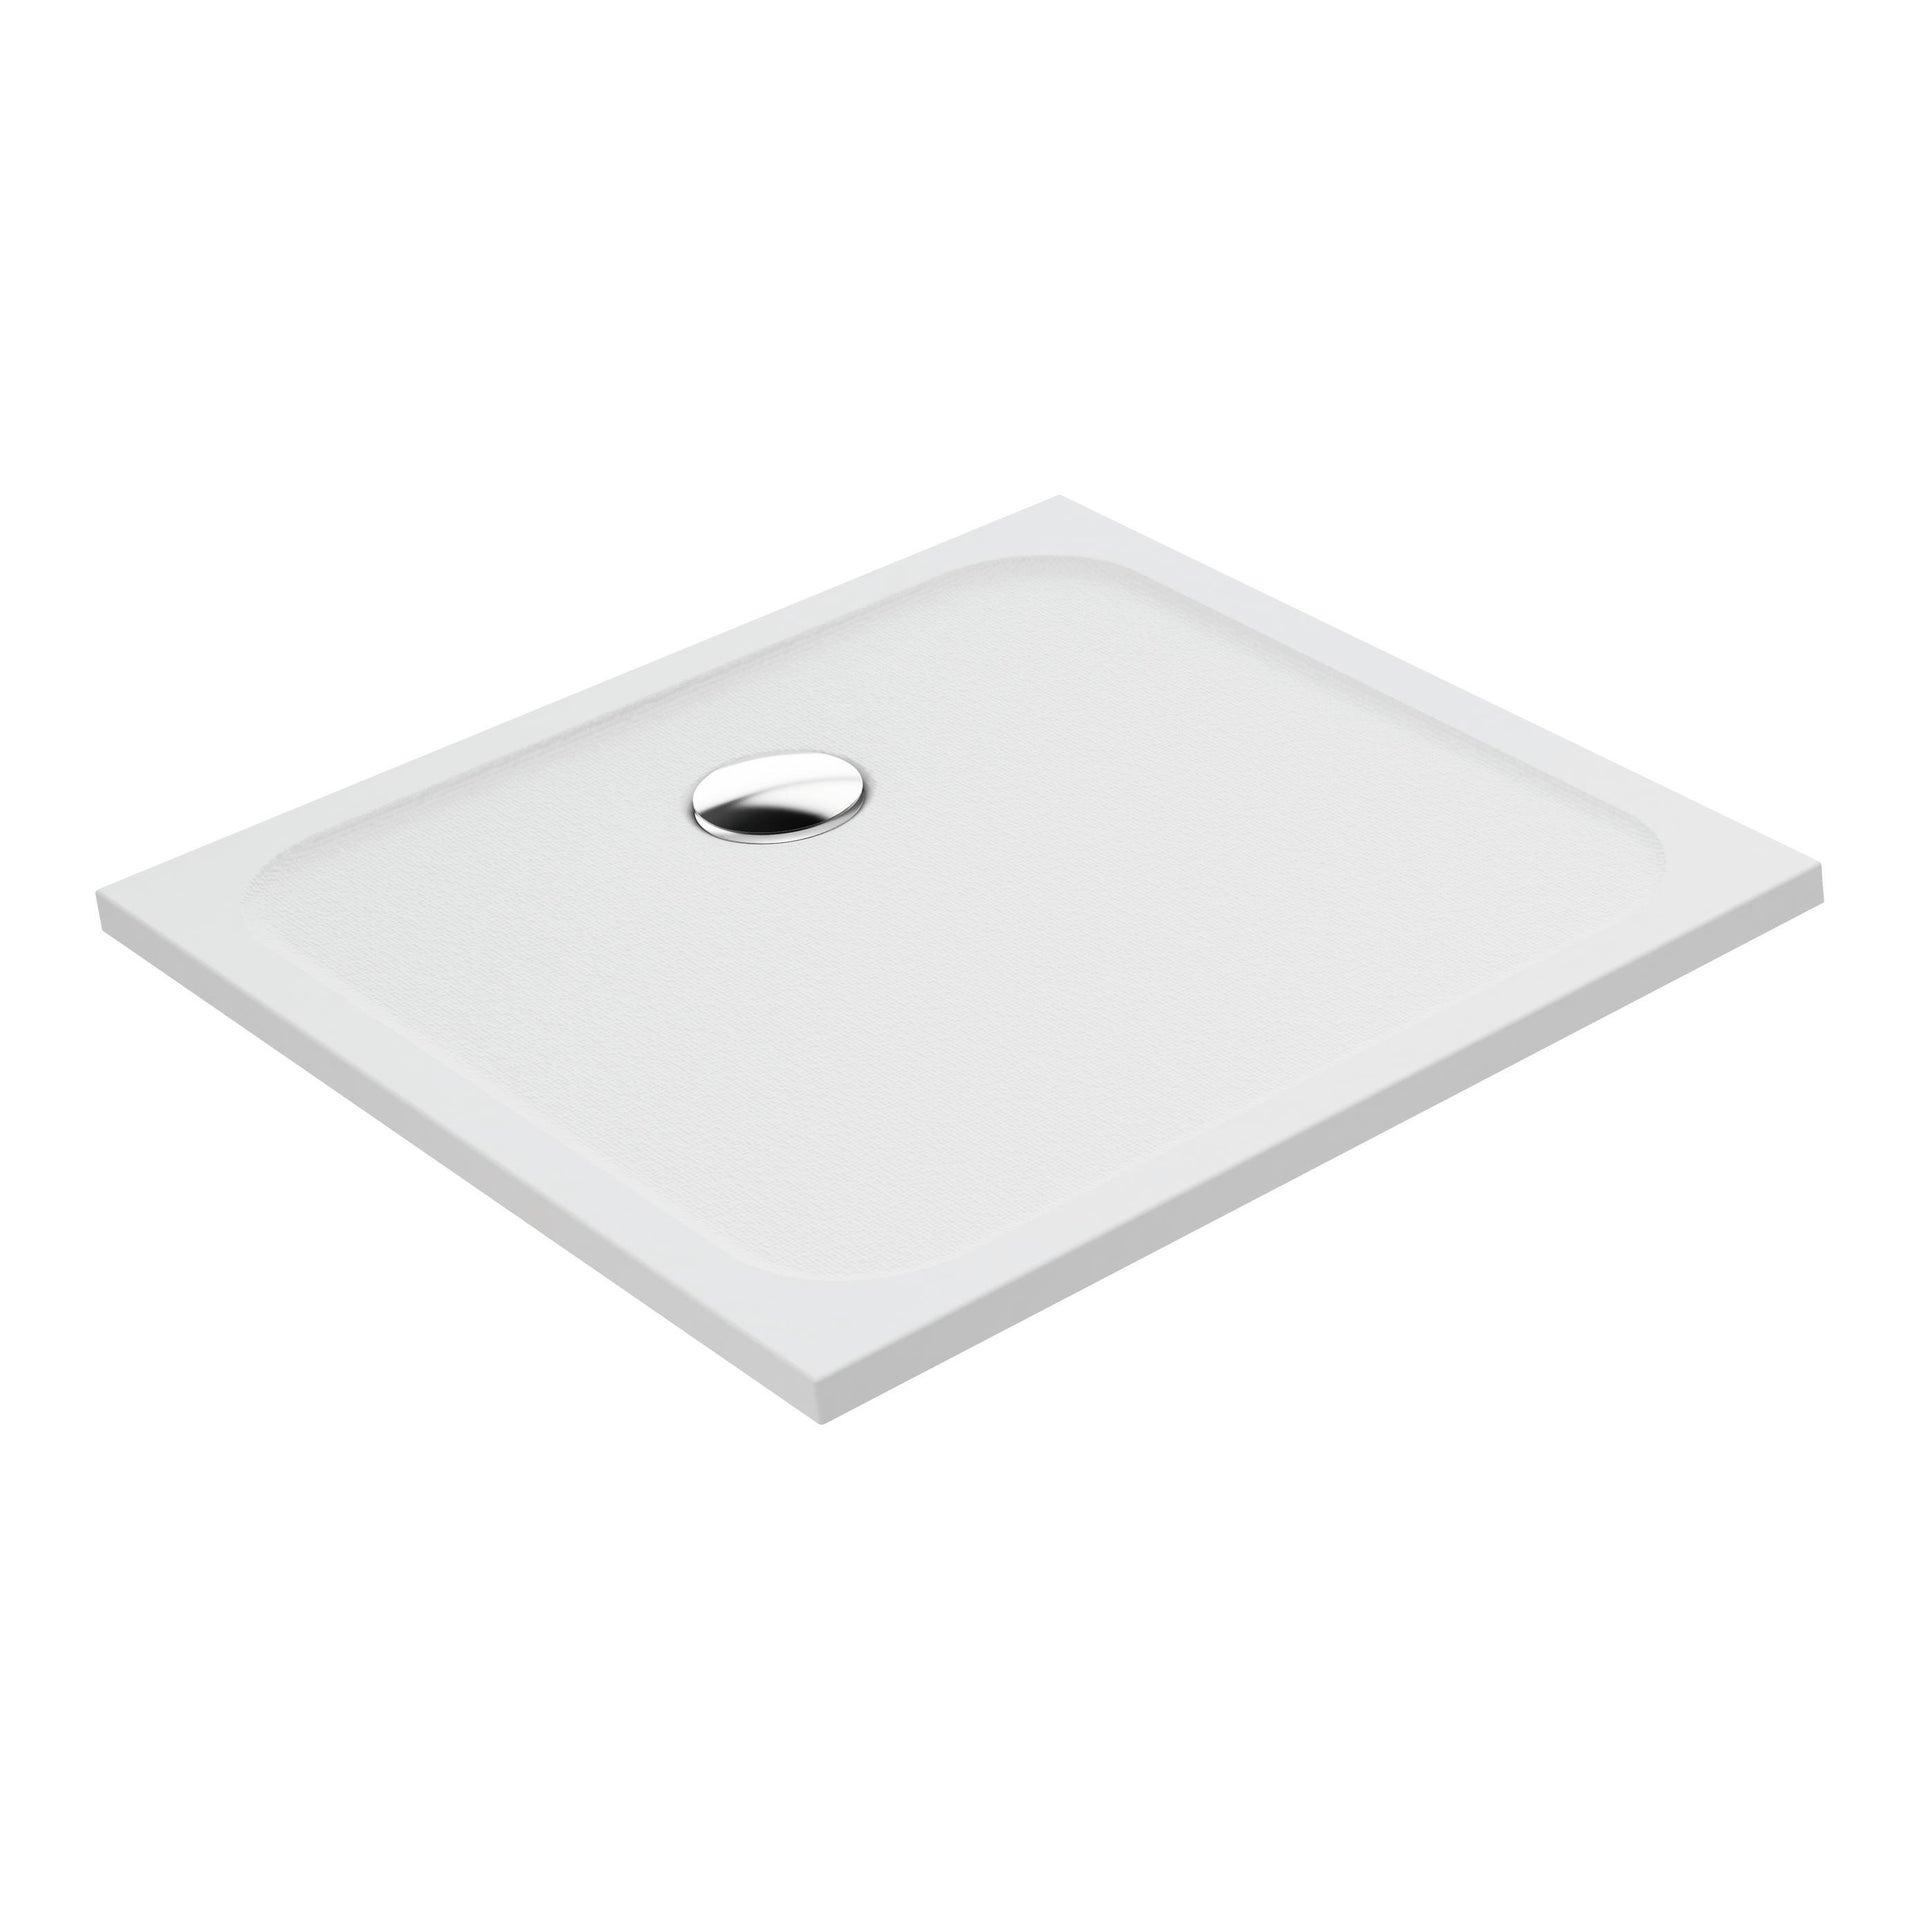 Piatto doccia resina sintetica e polvere di marmo Easy 80 x 80 cm bianco - 2